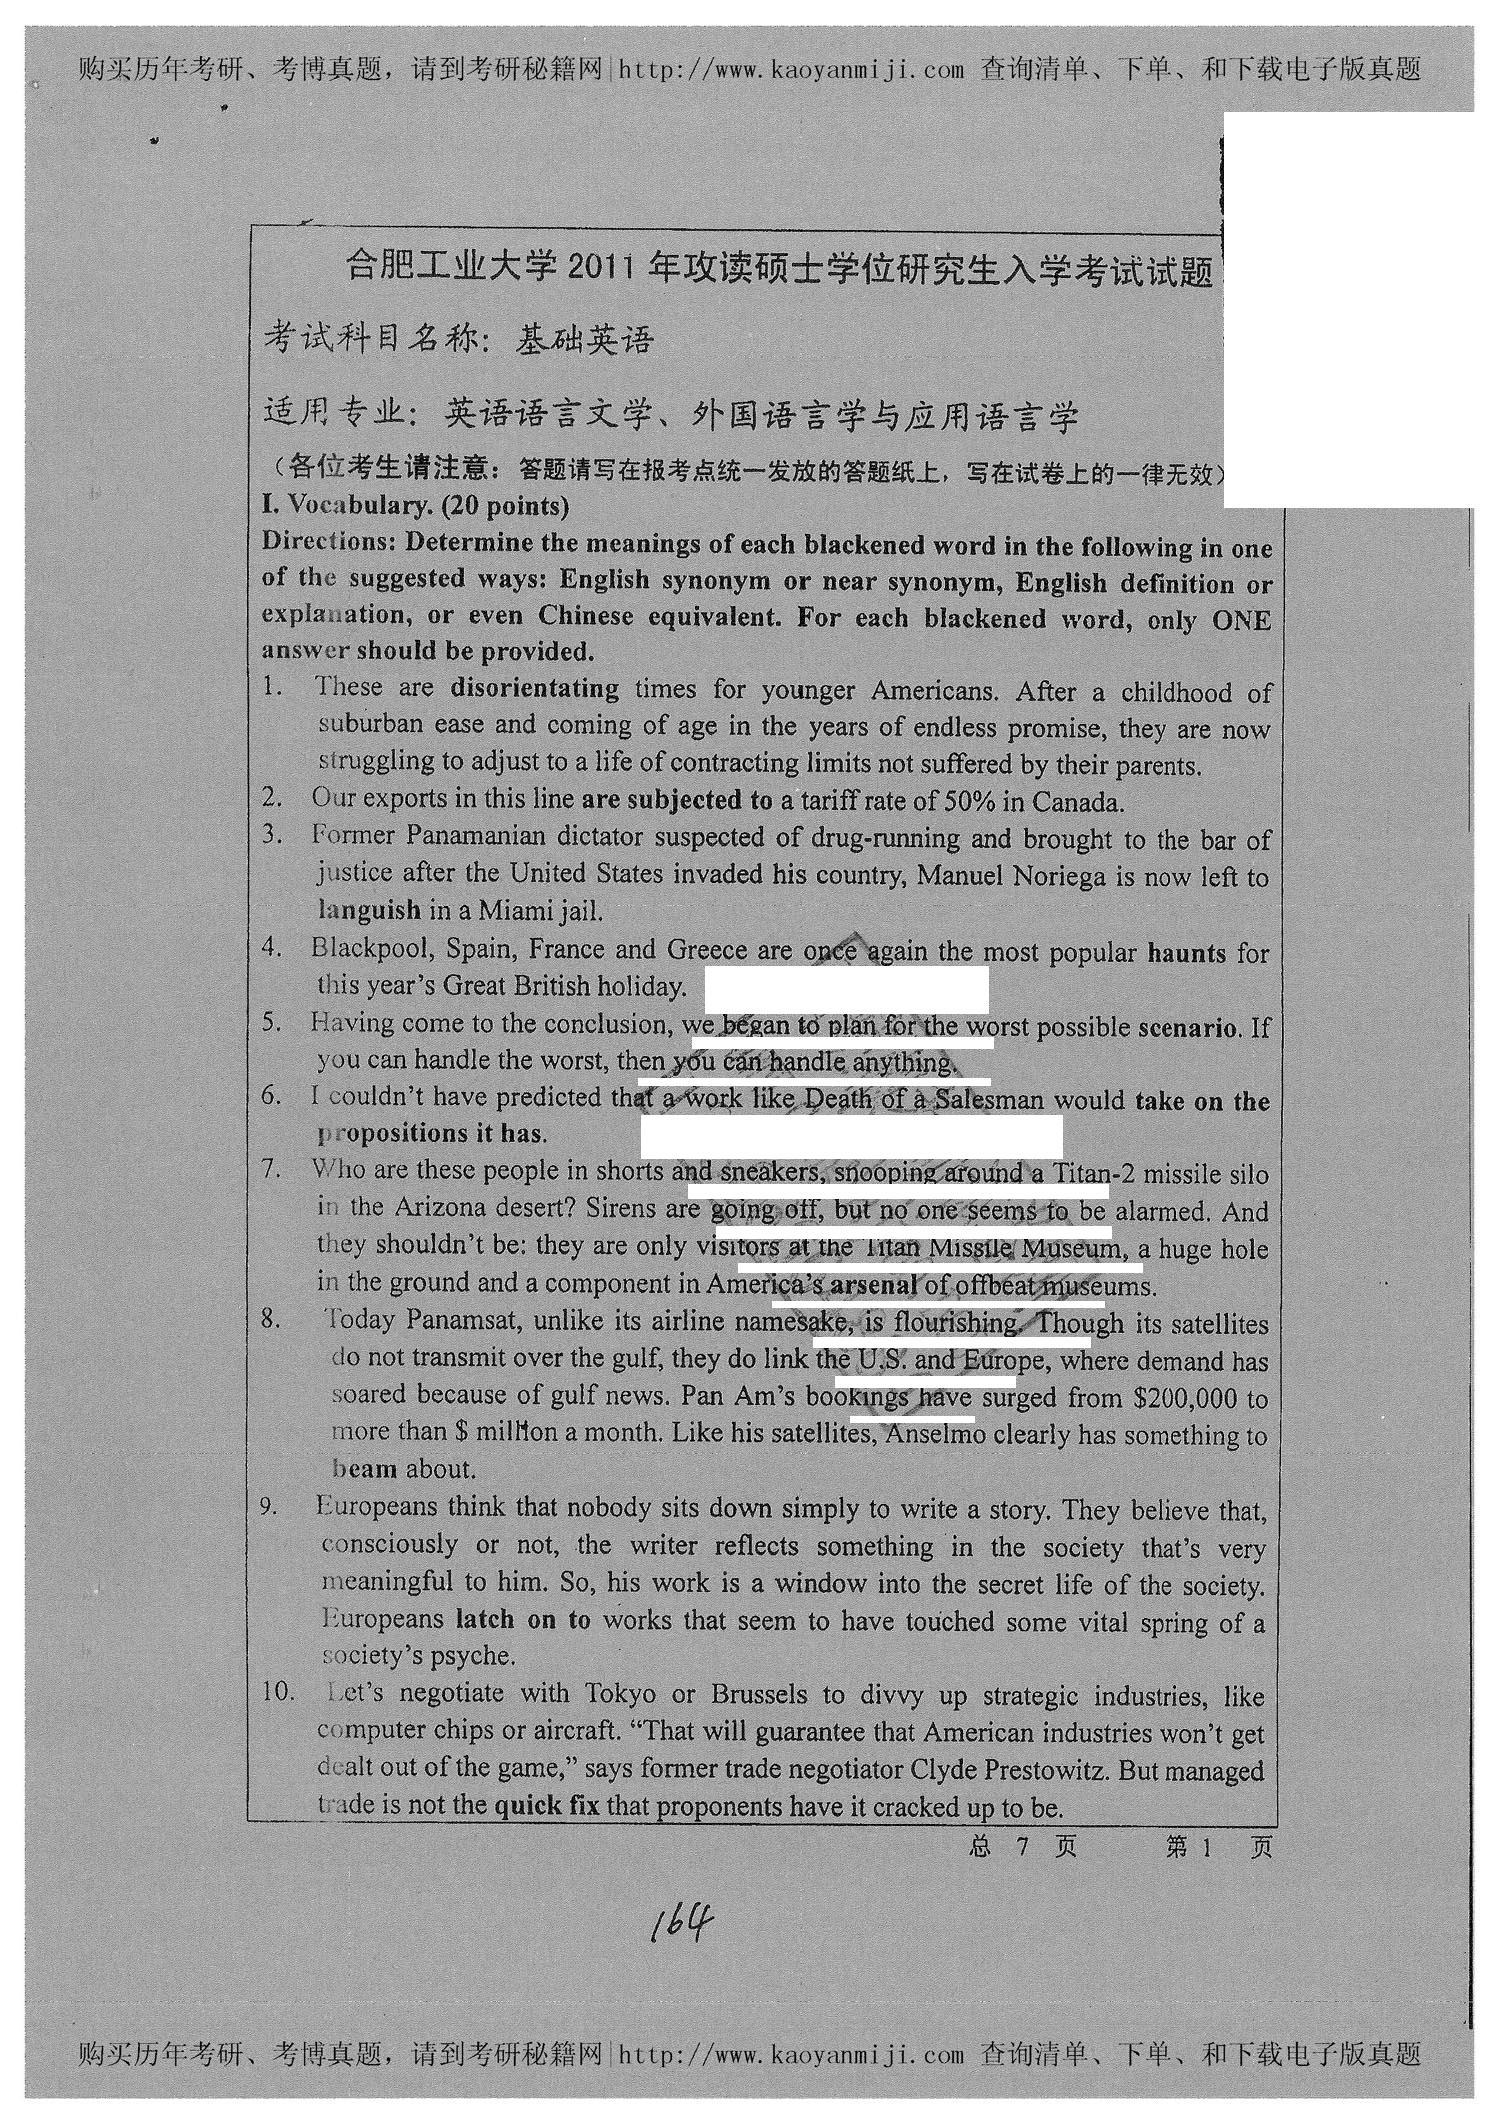 上海交通大学考研试卷